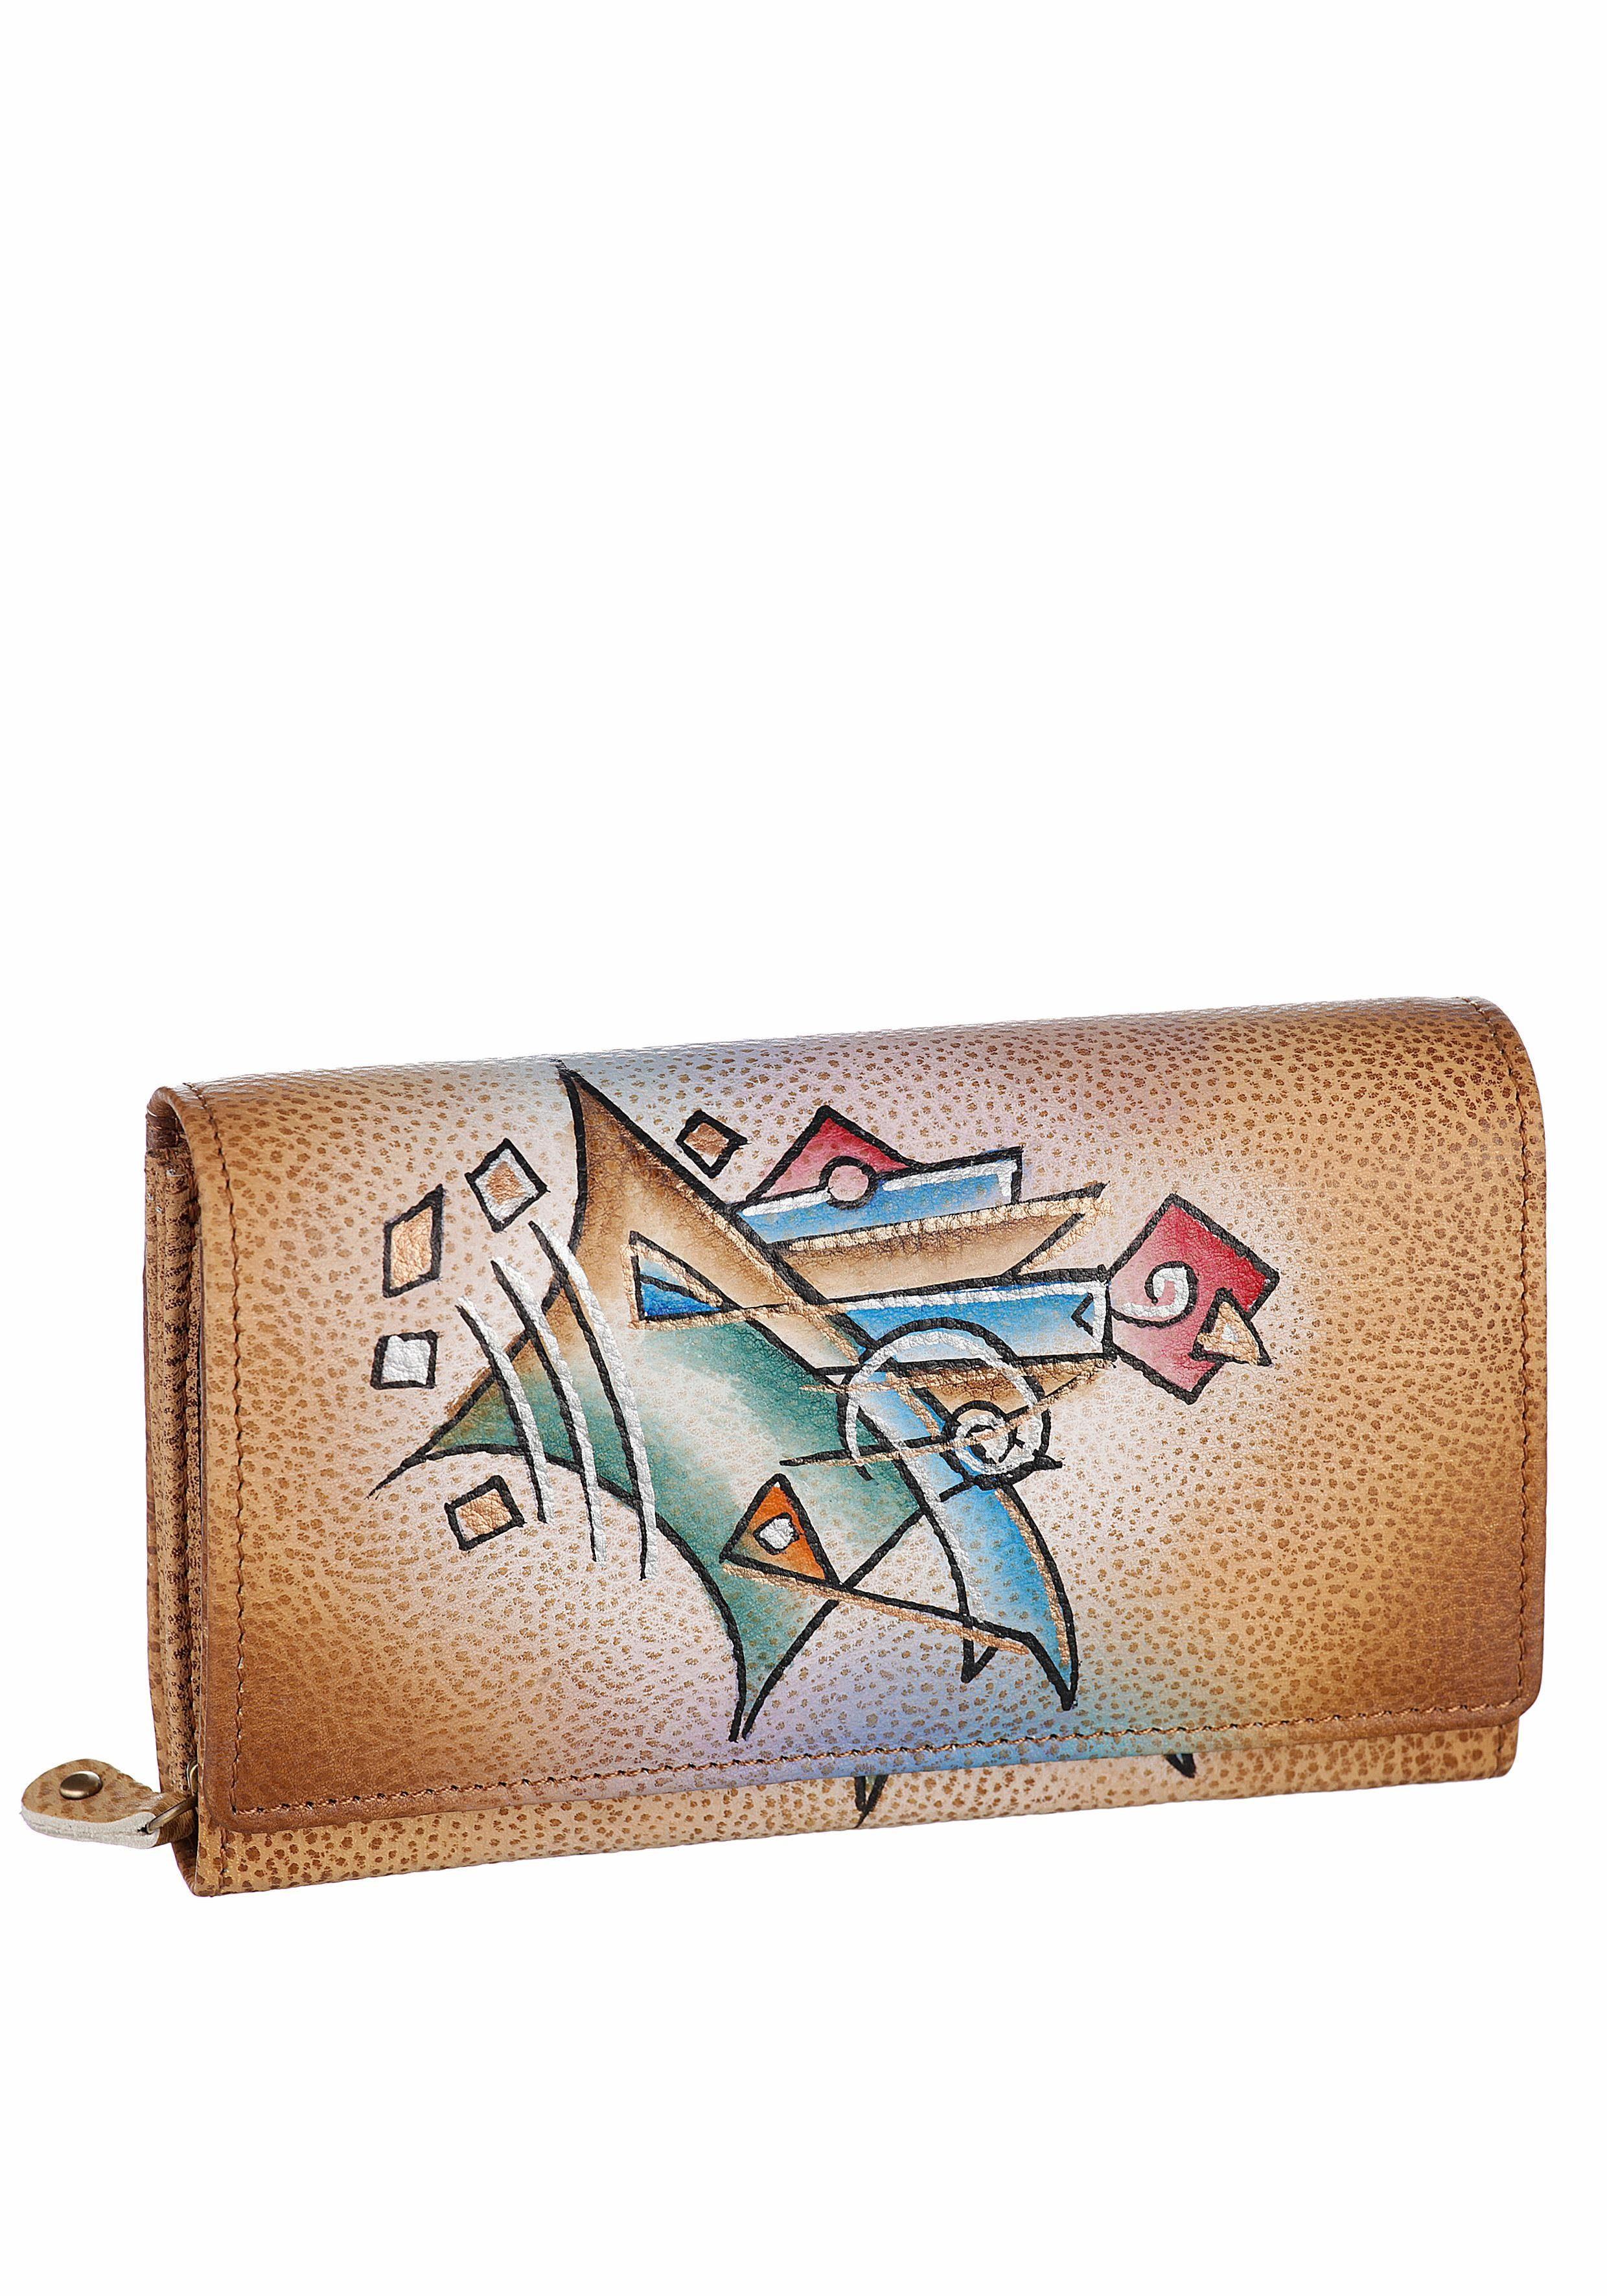 Art & Craft Geldbörse, aus echtem Leder mit 3 Scheinfächer